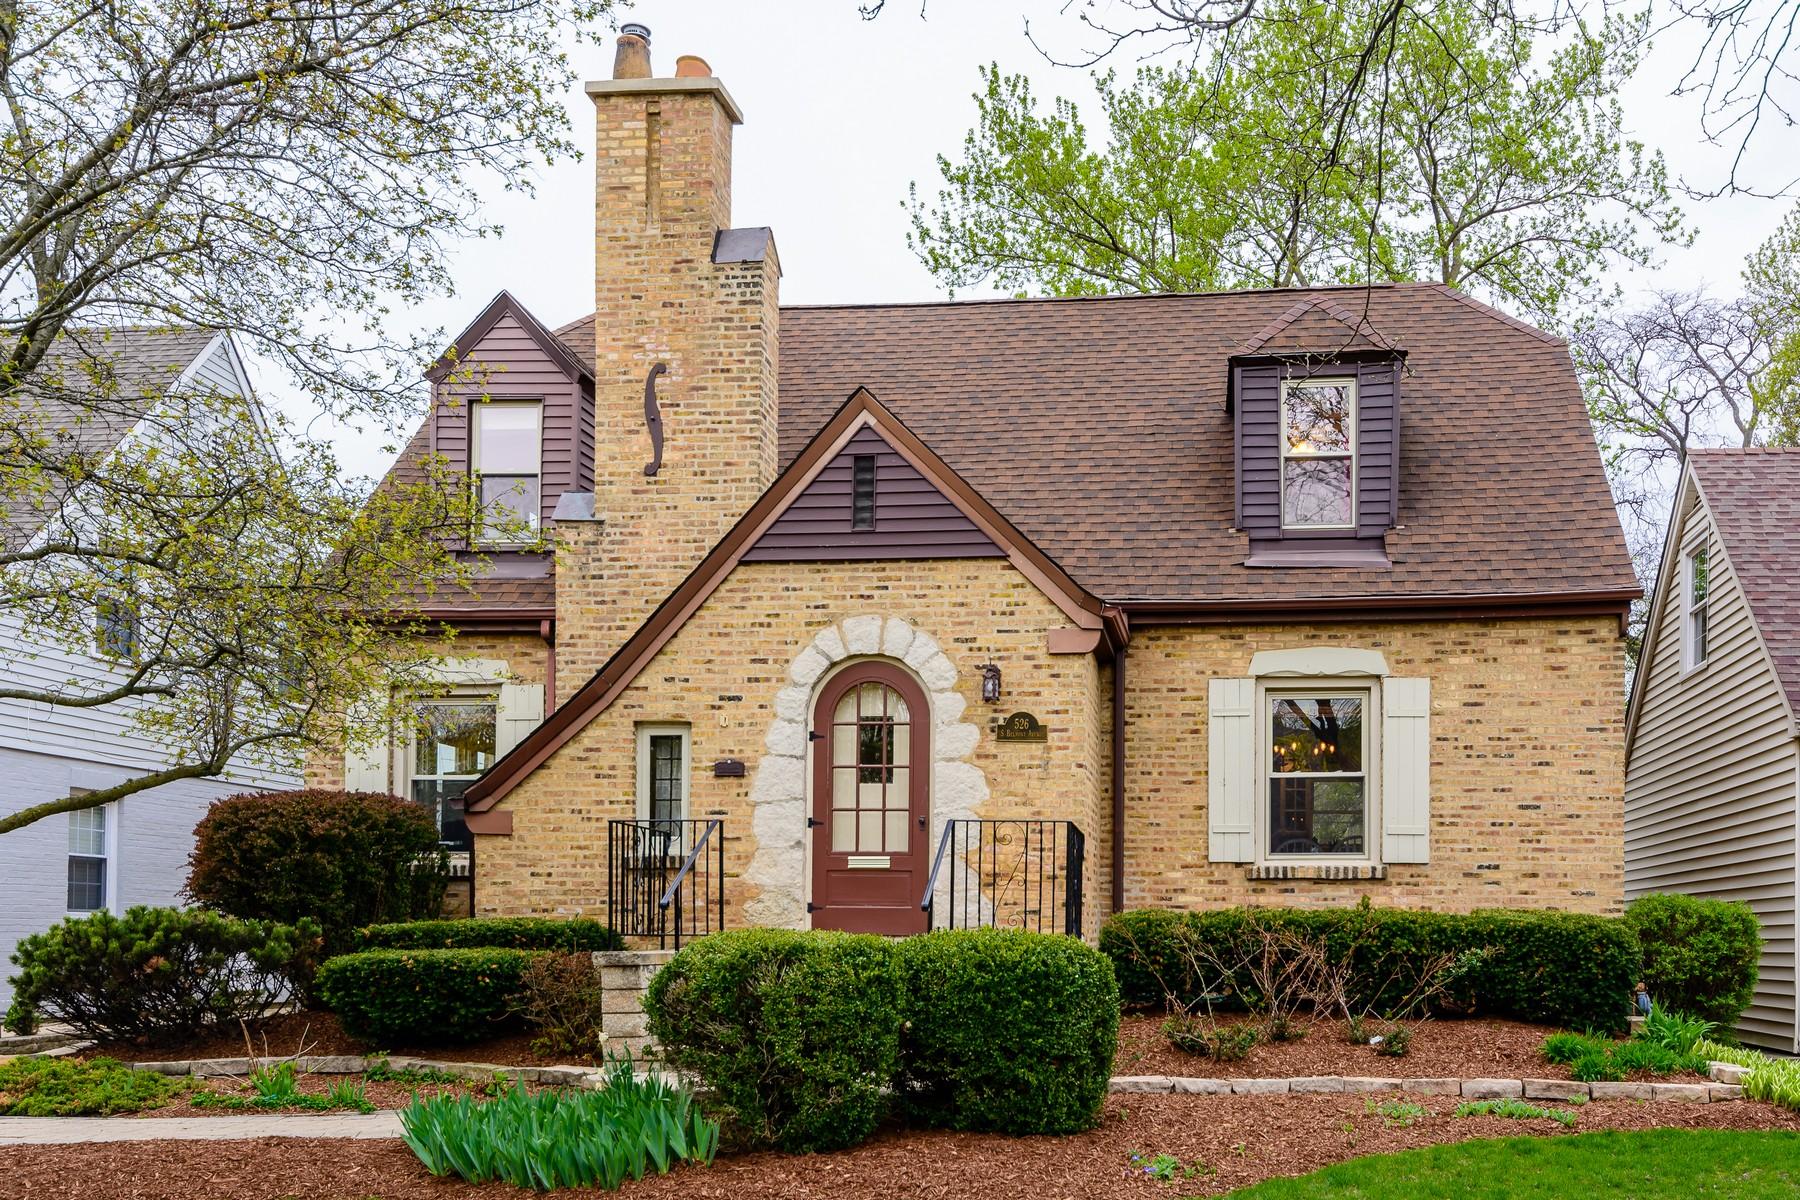 独户住宅 为 销售 在 Beautiful English Tudor 526 S Belmont Ave 阿灵顿高地, 伊利诺斯州, 60005 美国